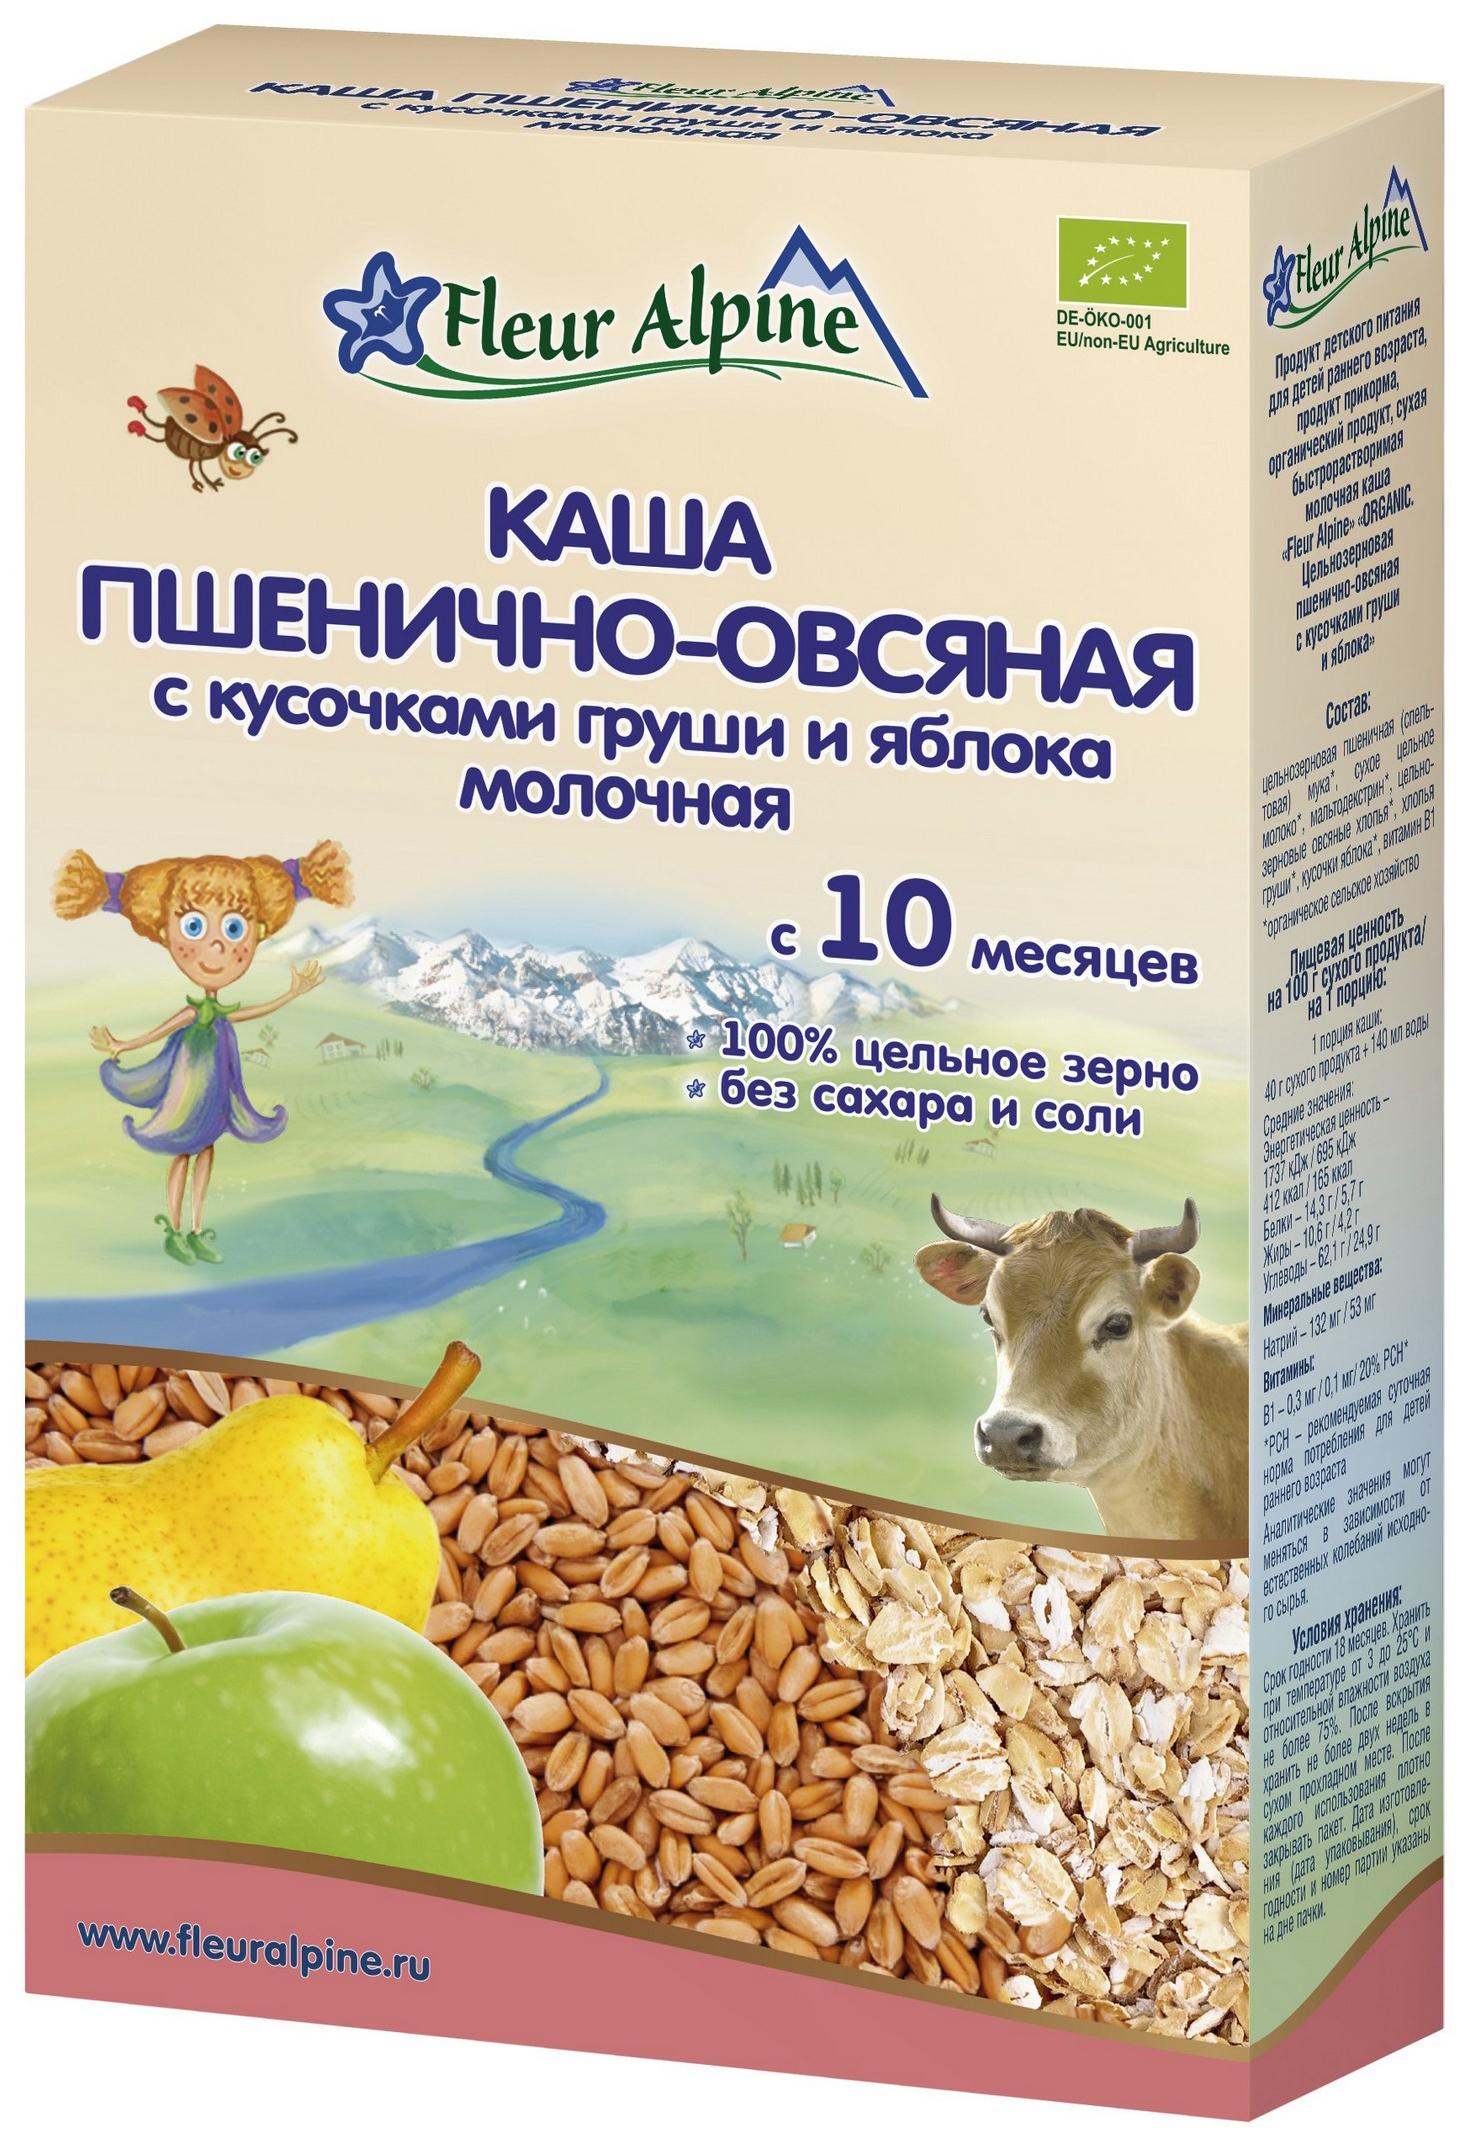 Каша молочная Fleur Alpine Пшенично-овсяная с грушей и яблоком с 10 мес. 200 г фото